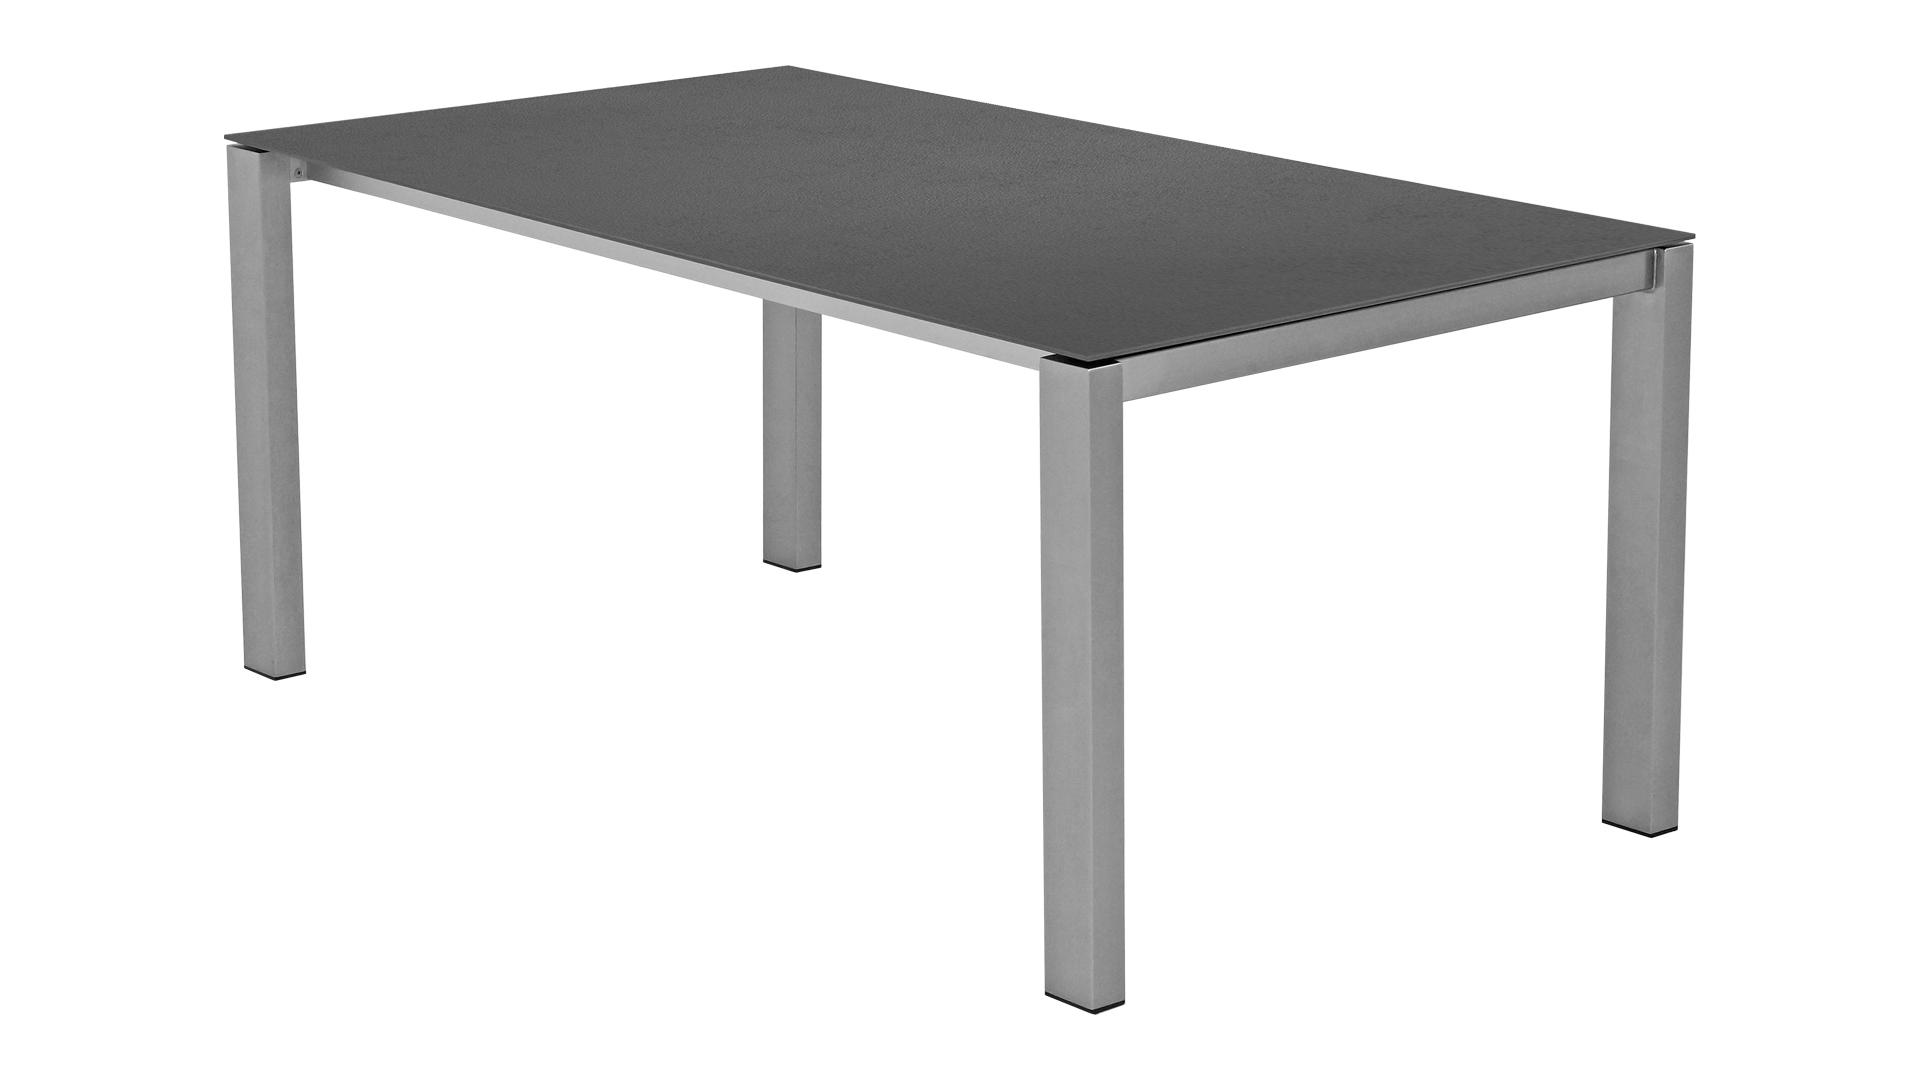 SUMMIT 952002 220-280-340x100 cm AZ Tisch Beine 80x50 mm